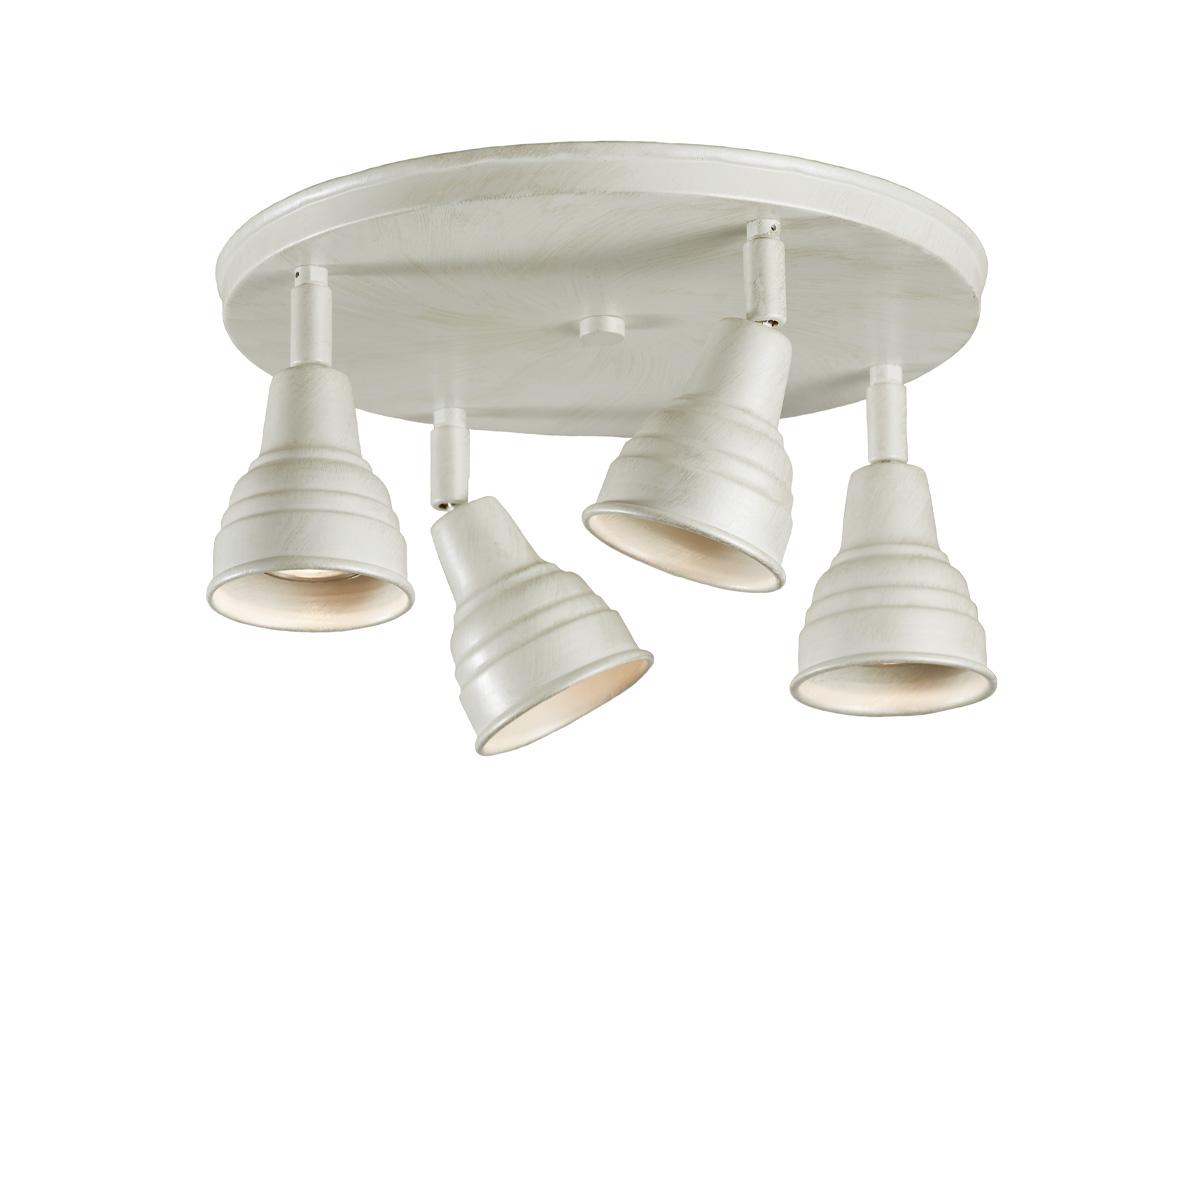 Ρουστίκ σποτ οροφής ΙΟΣ rustic ceiling spotlight